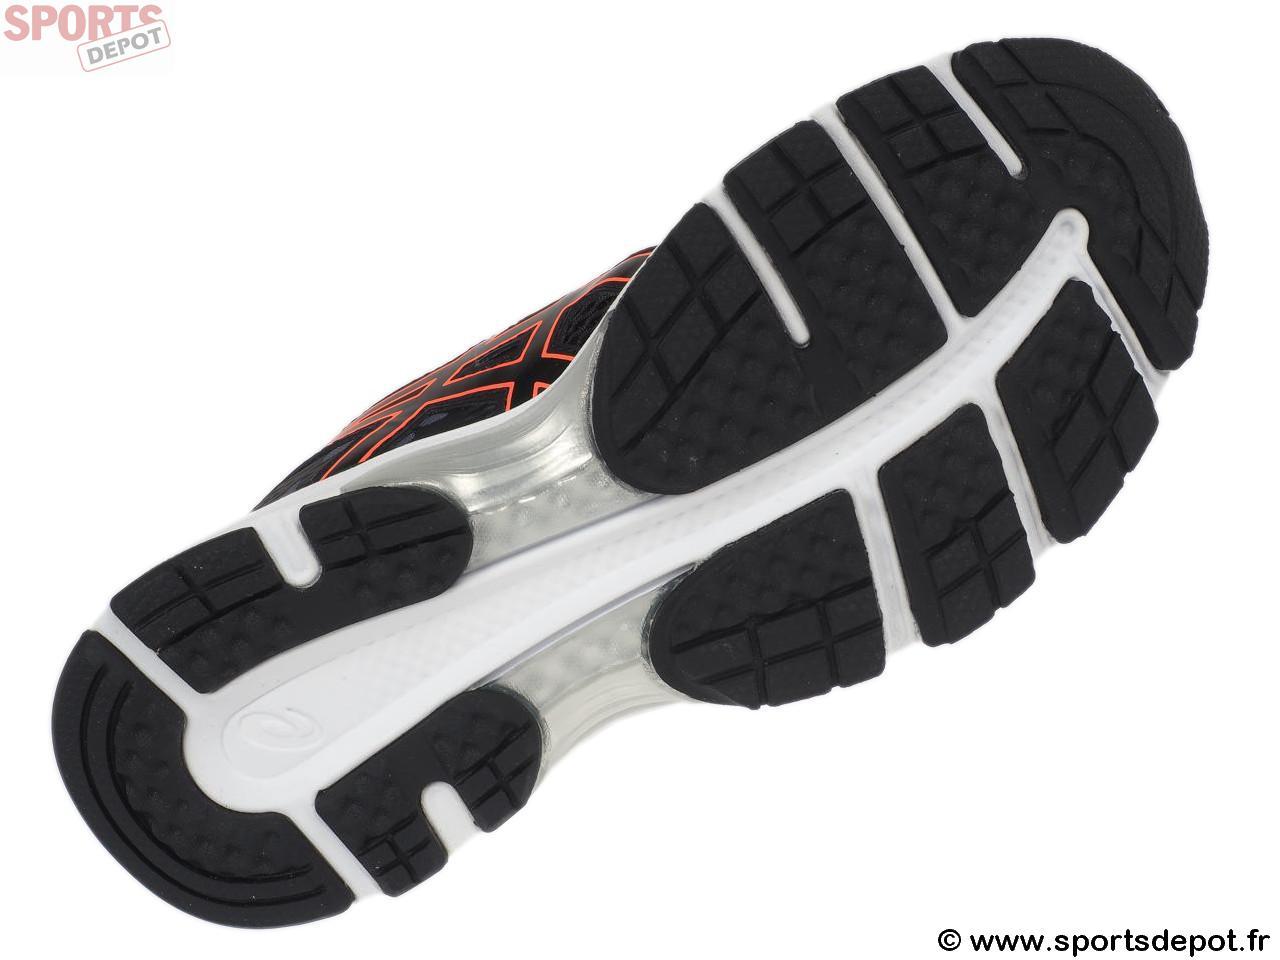 Gel Asics Run Acheter Chaussures Femme Black Pulse Running 9 L hQxCBortsd